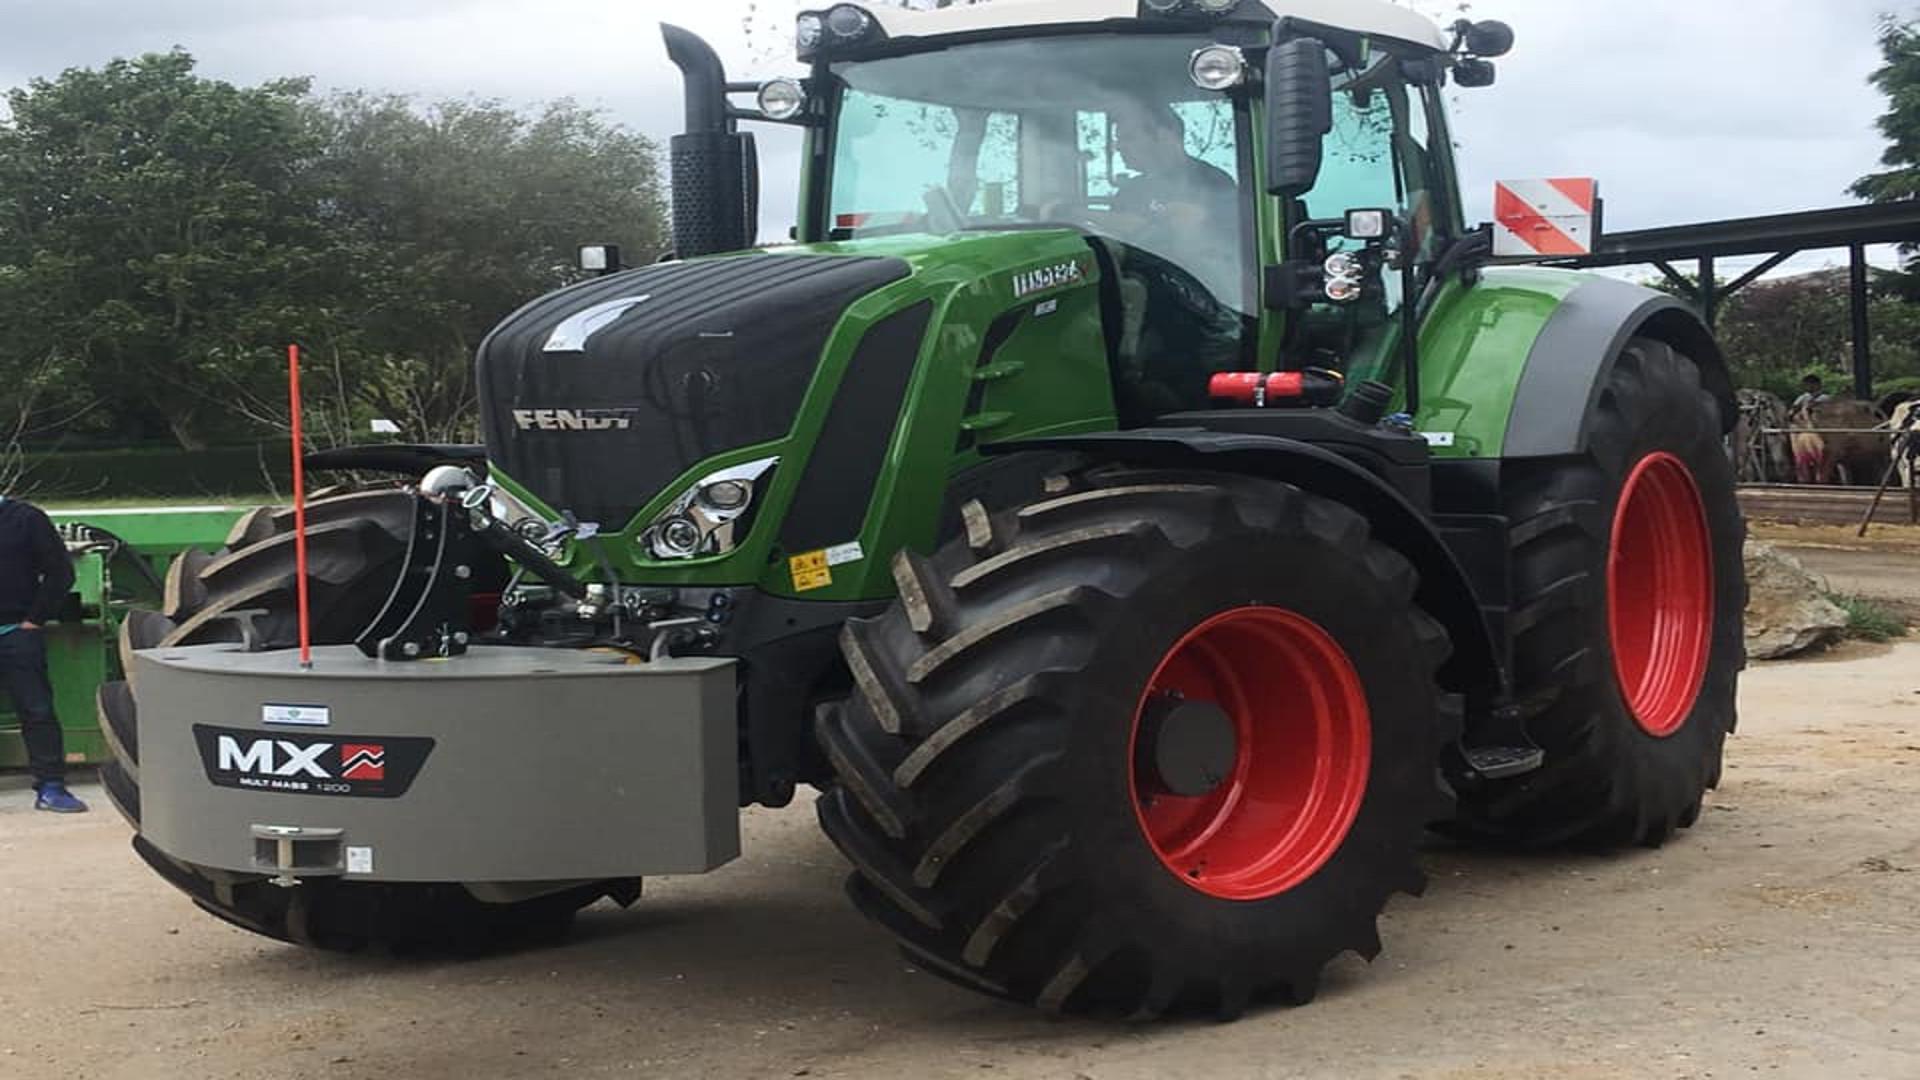 Parece que hay cierto desacuerdo en la baja de oficio de los tractores antiguos1920